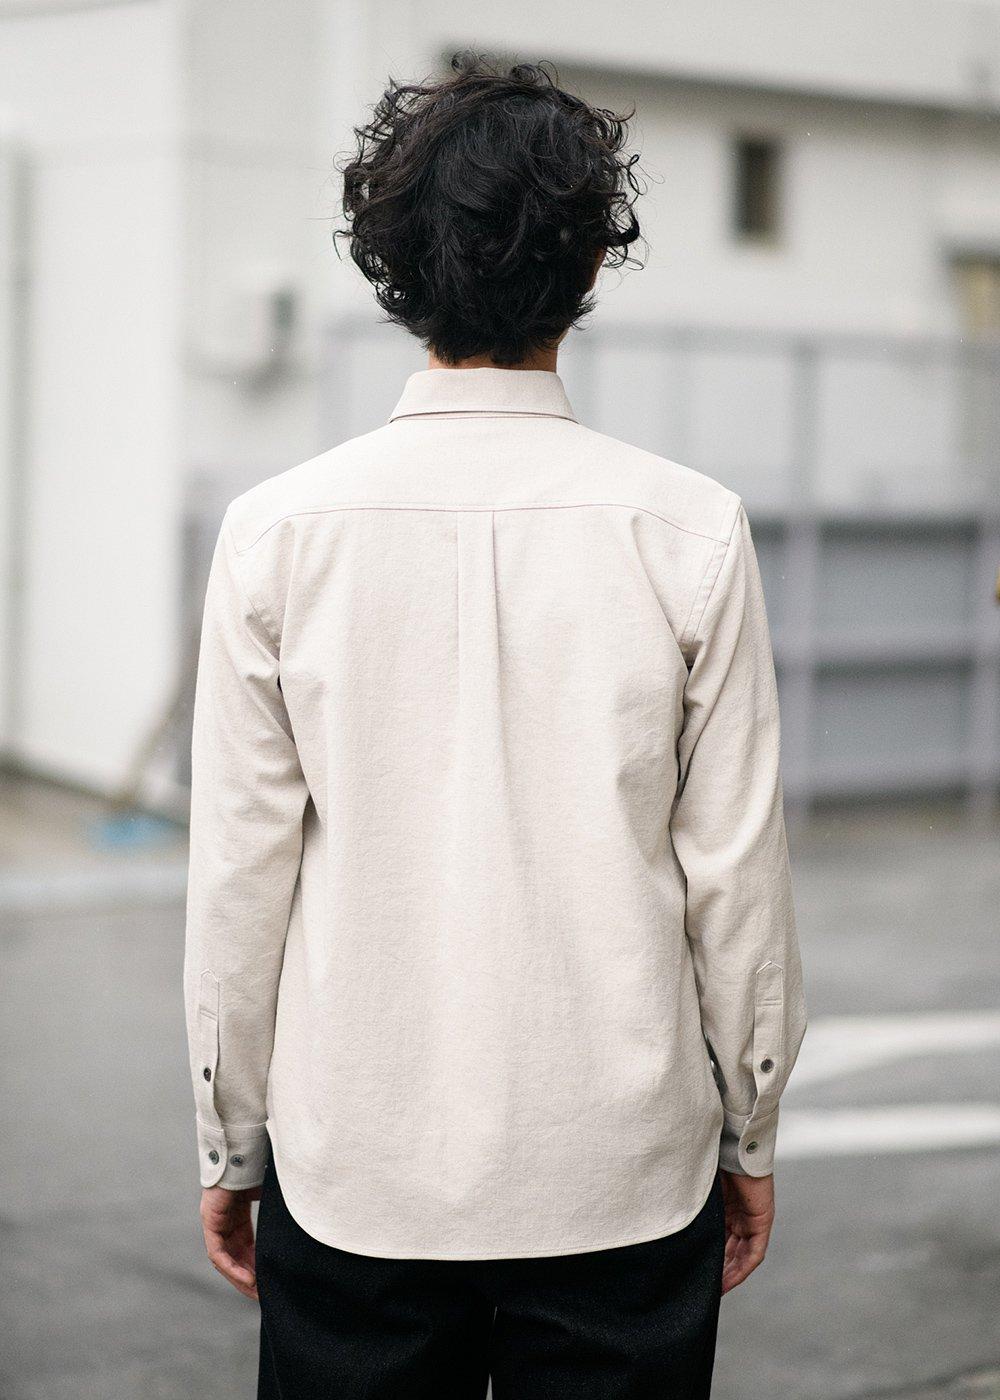 かりゆしウェア(沖縄版アロハシャツ) MAJUN - リゾートリーフL/S